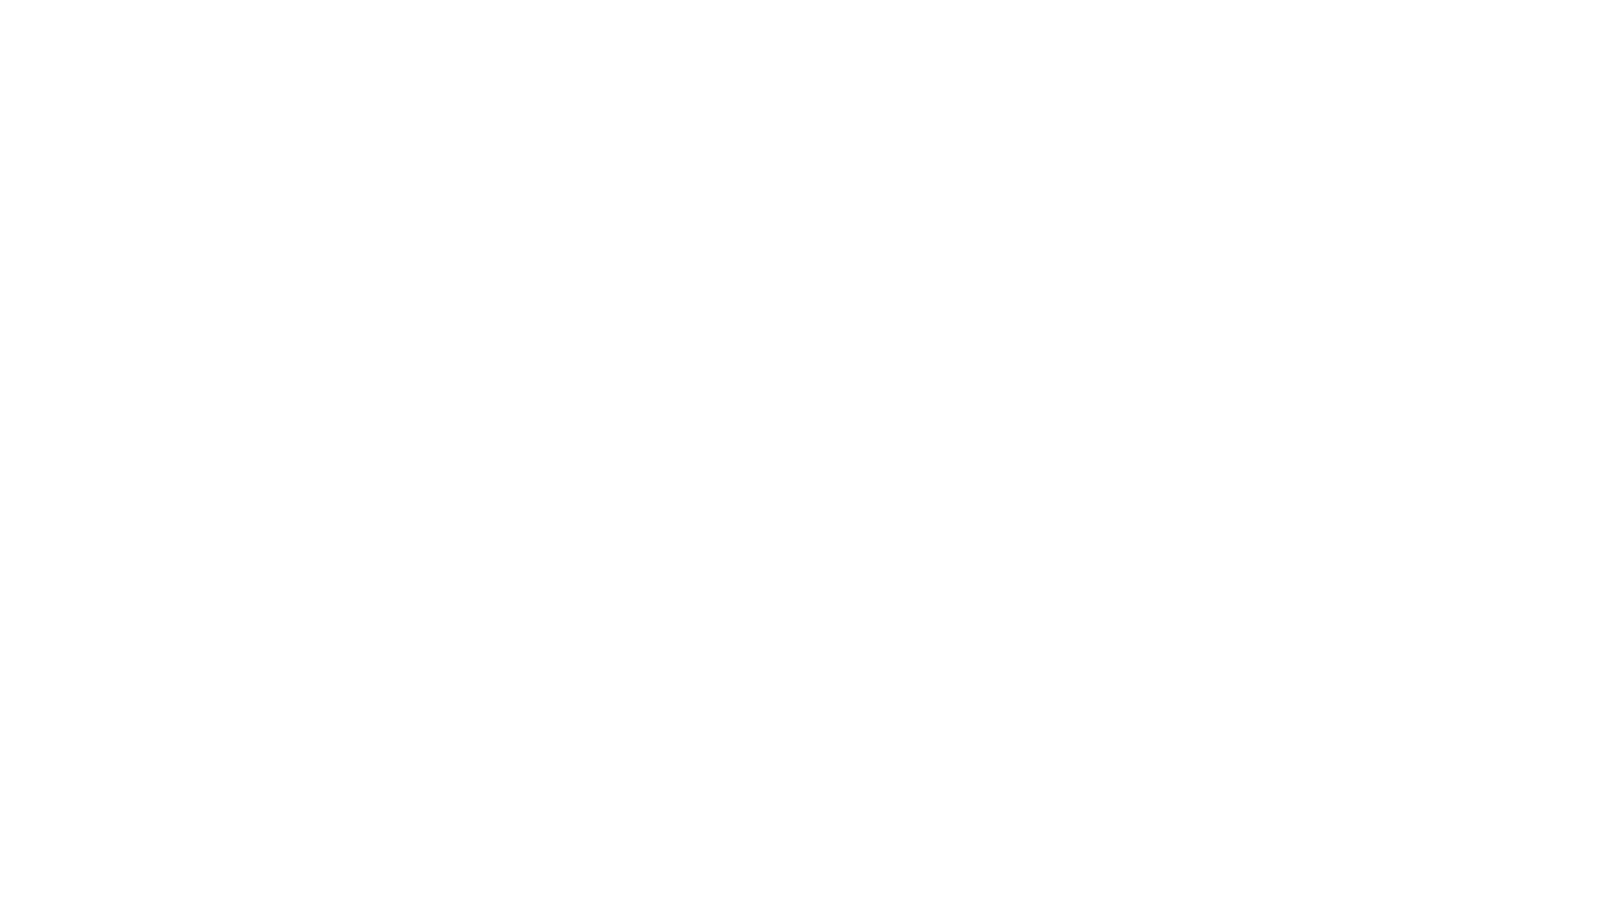 בסרטון מוצגת התקנה של ידית בהלה שביצעתי במוסד ציבורי בבאר שבע. מטרתה של ידית הבהלה היא להציל חיים – פשוטו כמשמע. ידיות הבהלה לרוב מותקנות במבנים ציבוריים או במבנים שמכילים מספר רב של אנשים כגון בנייני משרדים, מבני דירות ועוד. במבנים אלו קיימת דרישה להתקנת ידית בהלה (panic) מהסיבה שבמקרים של מקרי חירום כגון שריפות או אירוע בטחוני כלשהו נוצר מצב שבו מספר רב של אנשים צריכים לצאת מהמנה בעת ובעונה אחת. למידע נוסף: https://www.vitali-locks.co.il/